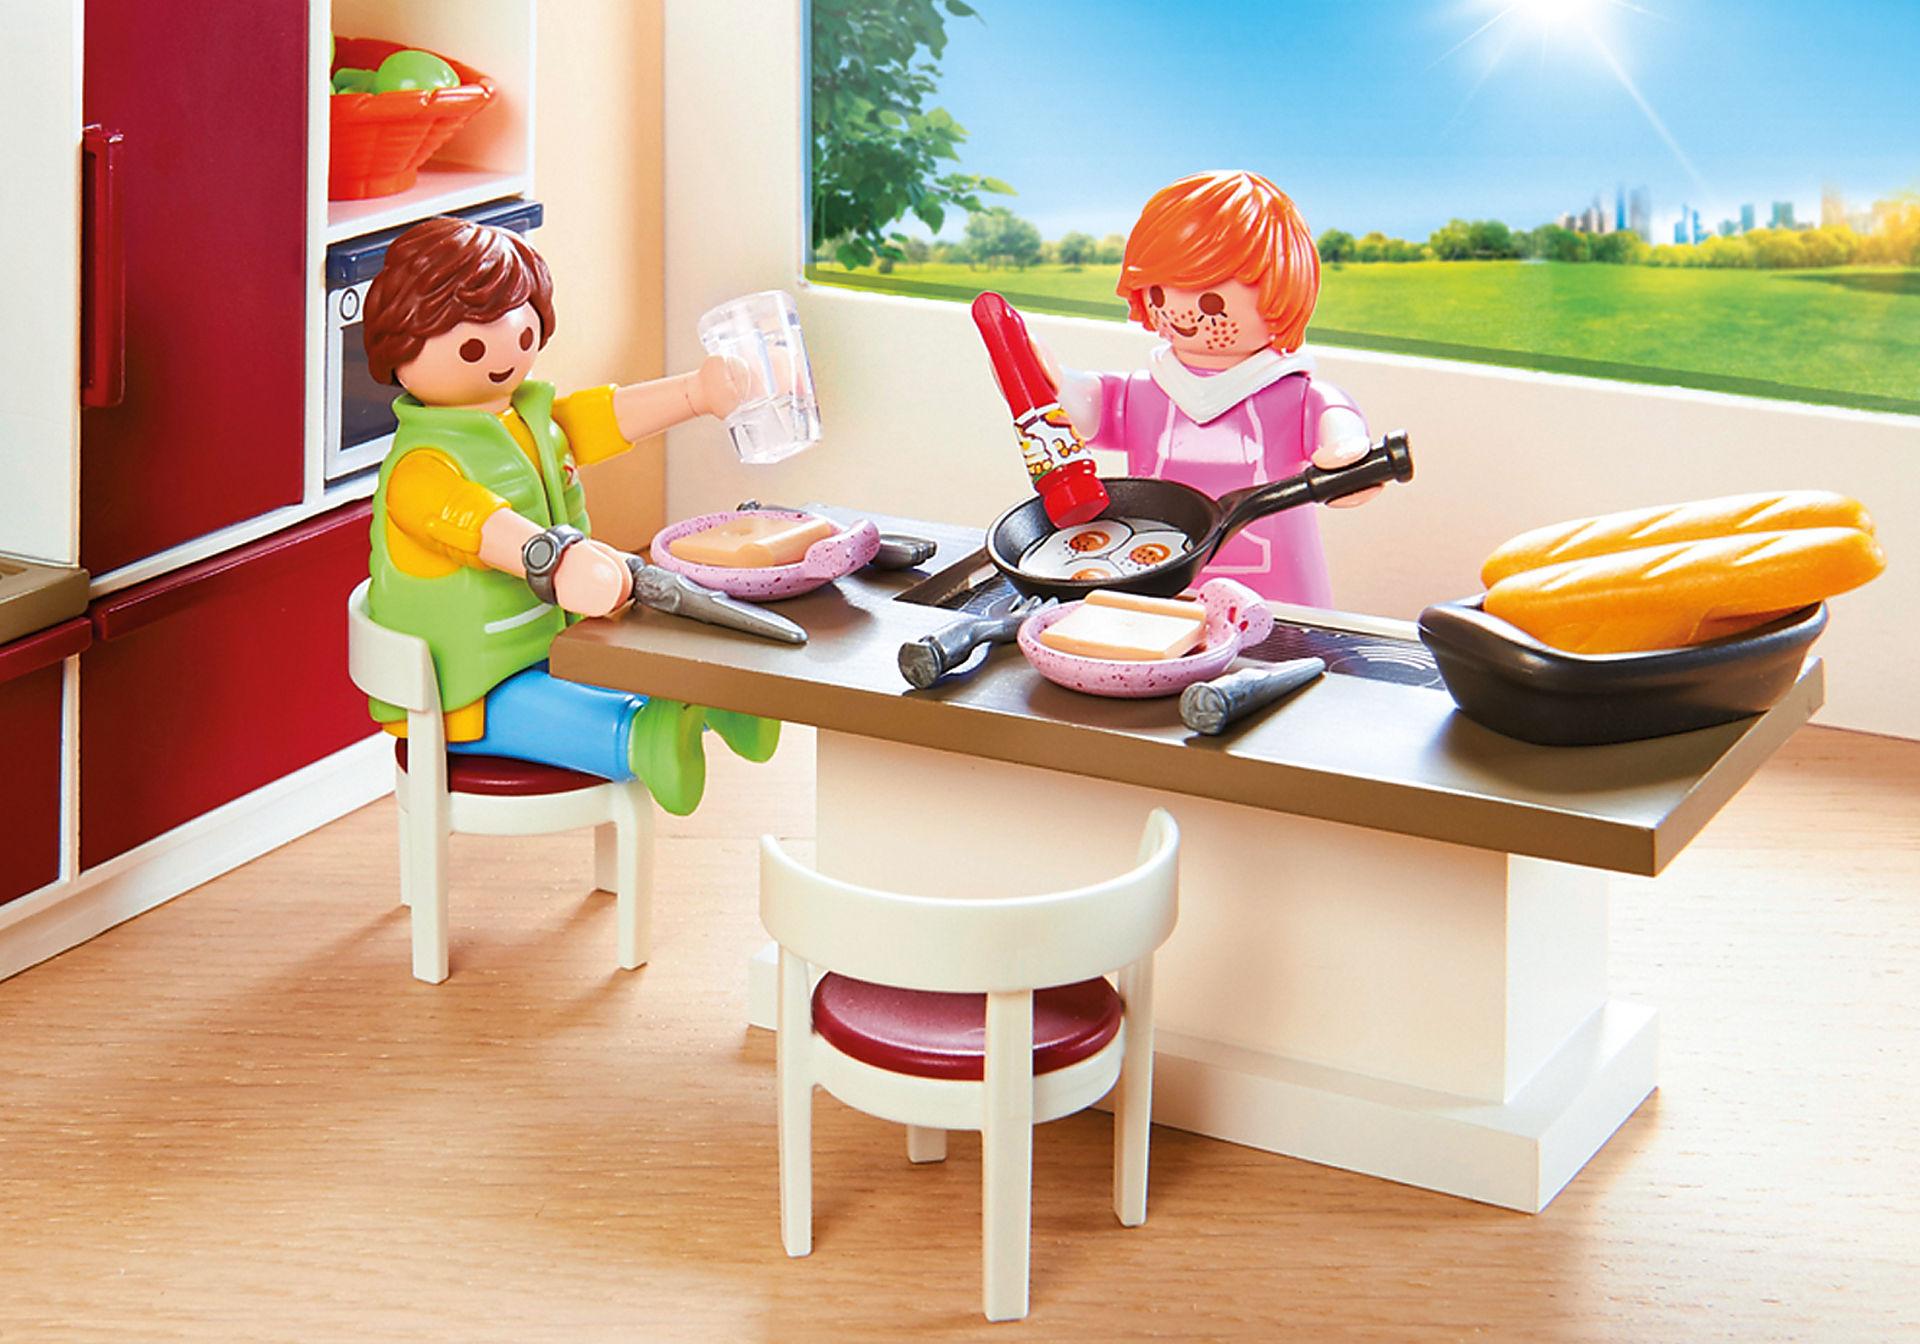 http://media.playmobil.com/i/playmobil/9269_product_extra1/Leefkeuken